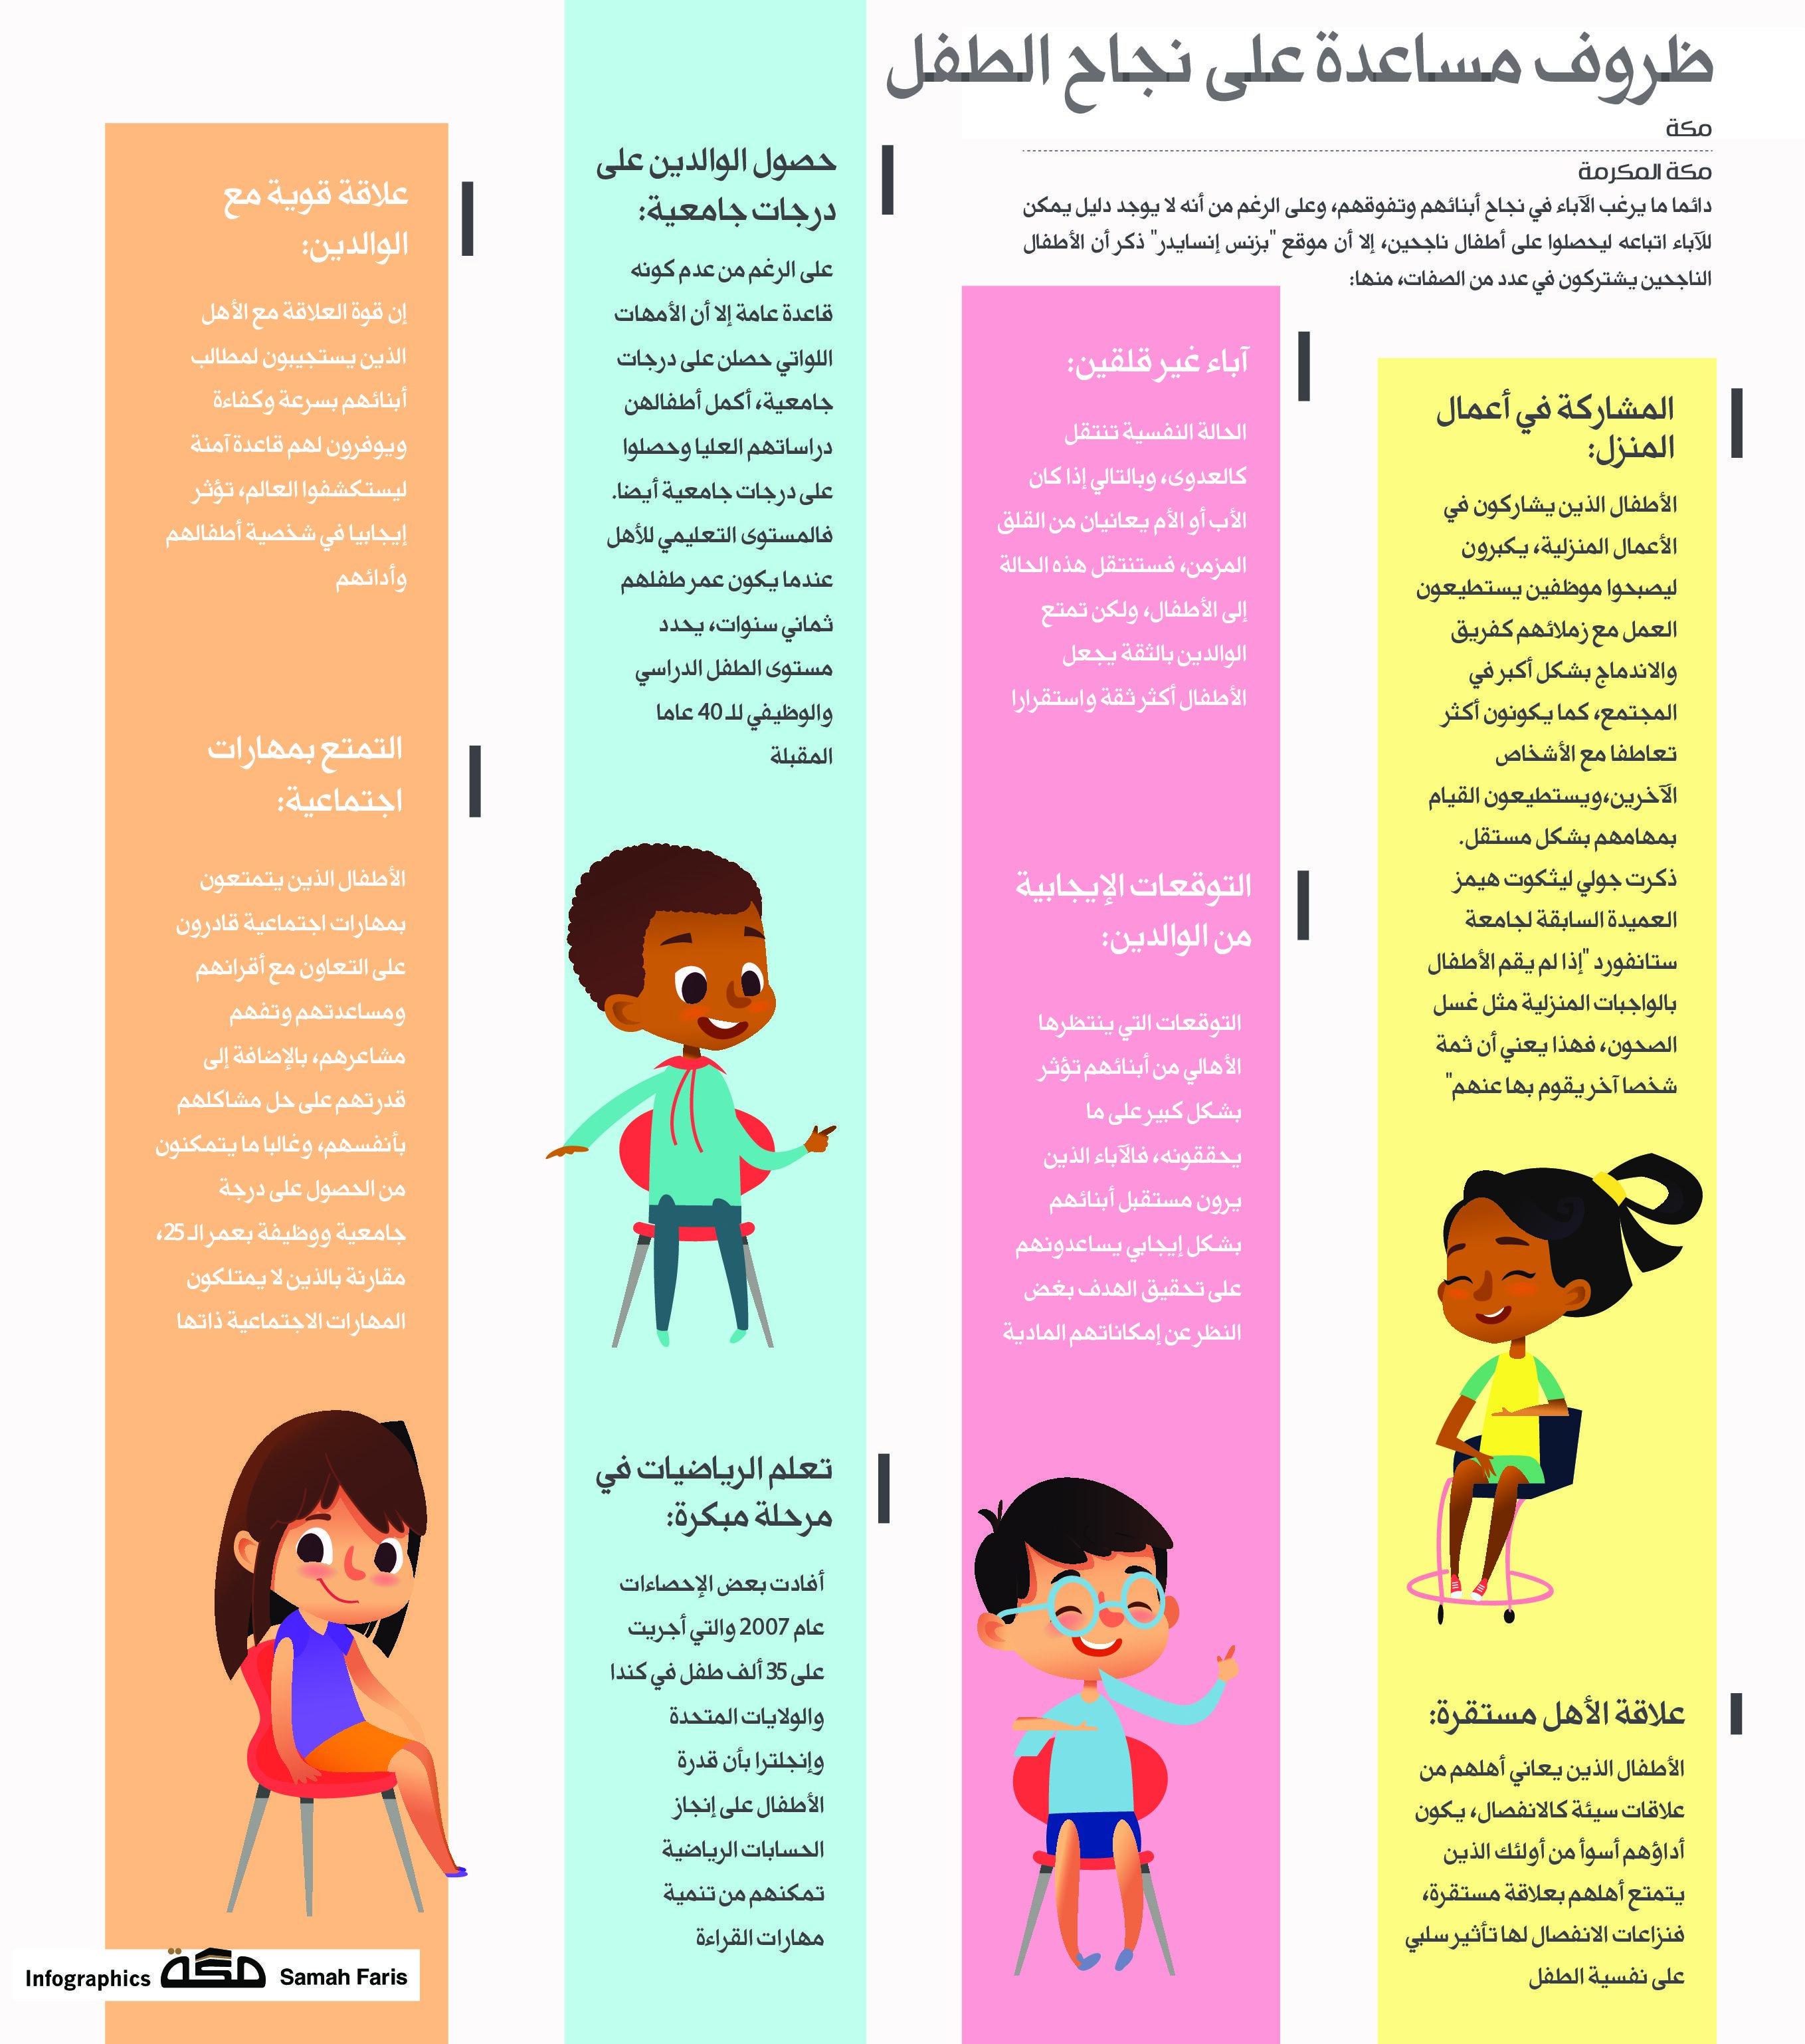 ظروف مساعدة على نجاح الطفل صحيفةـمكة انفوجرافيك مجتمع Childrens Education Childrens Infographic